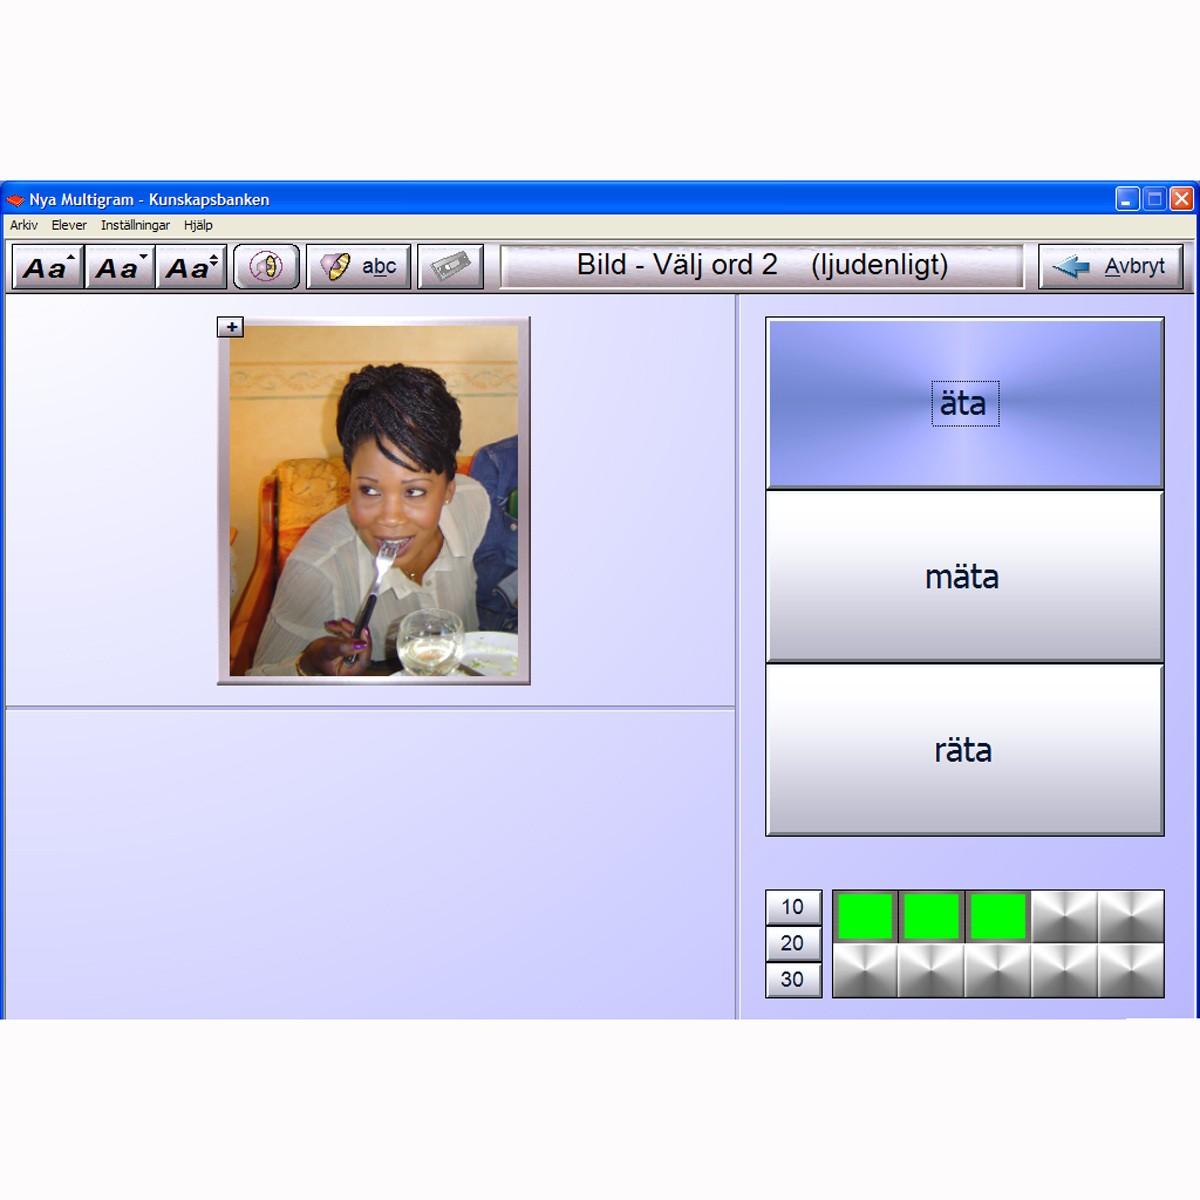 Multigram nivå 2, kunskapbanken